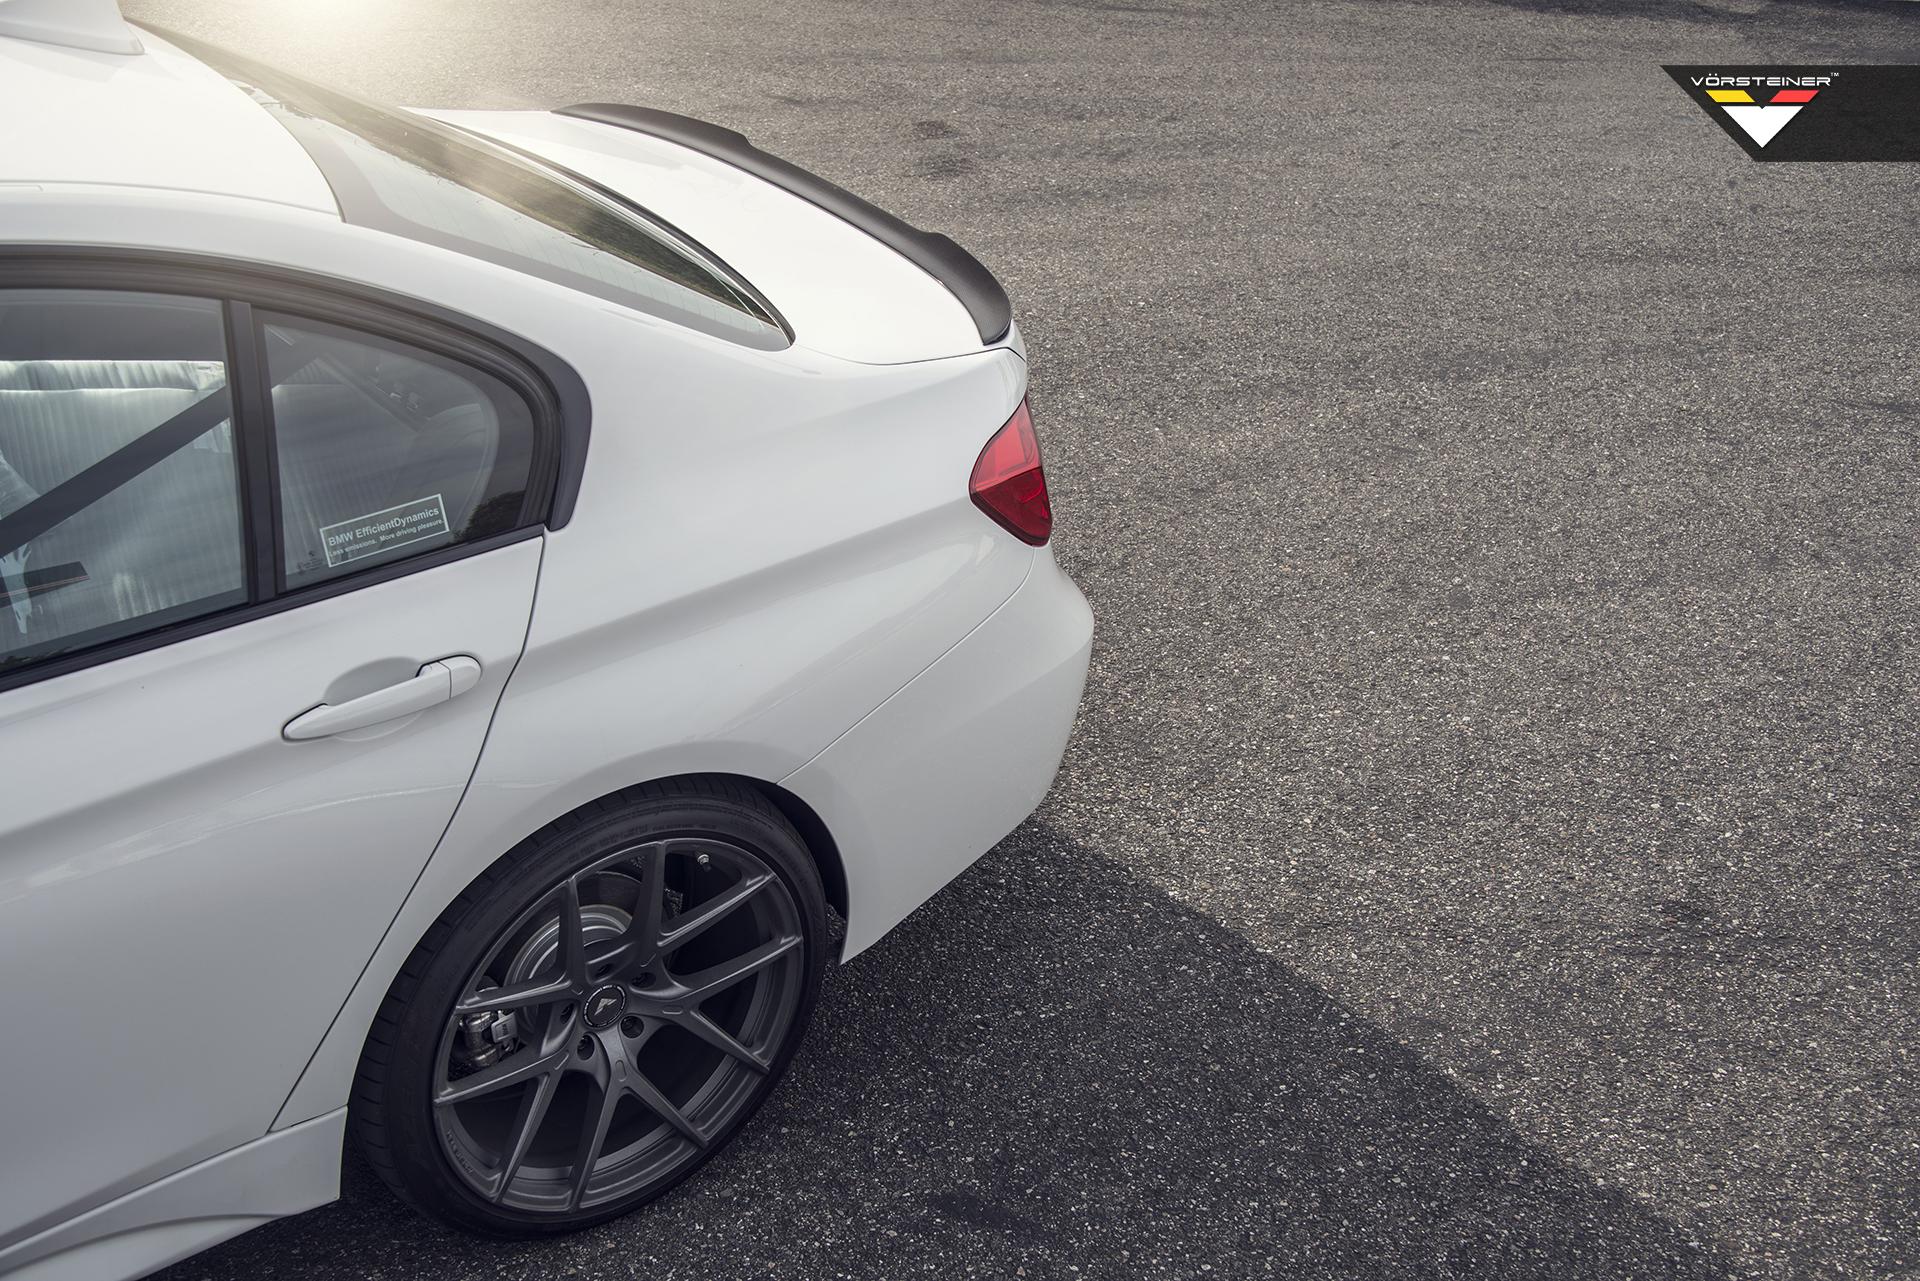 F30 BMW 3-Series Deck Lid Spoiler by Vorsteiner